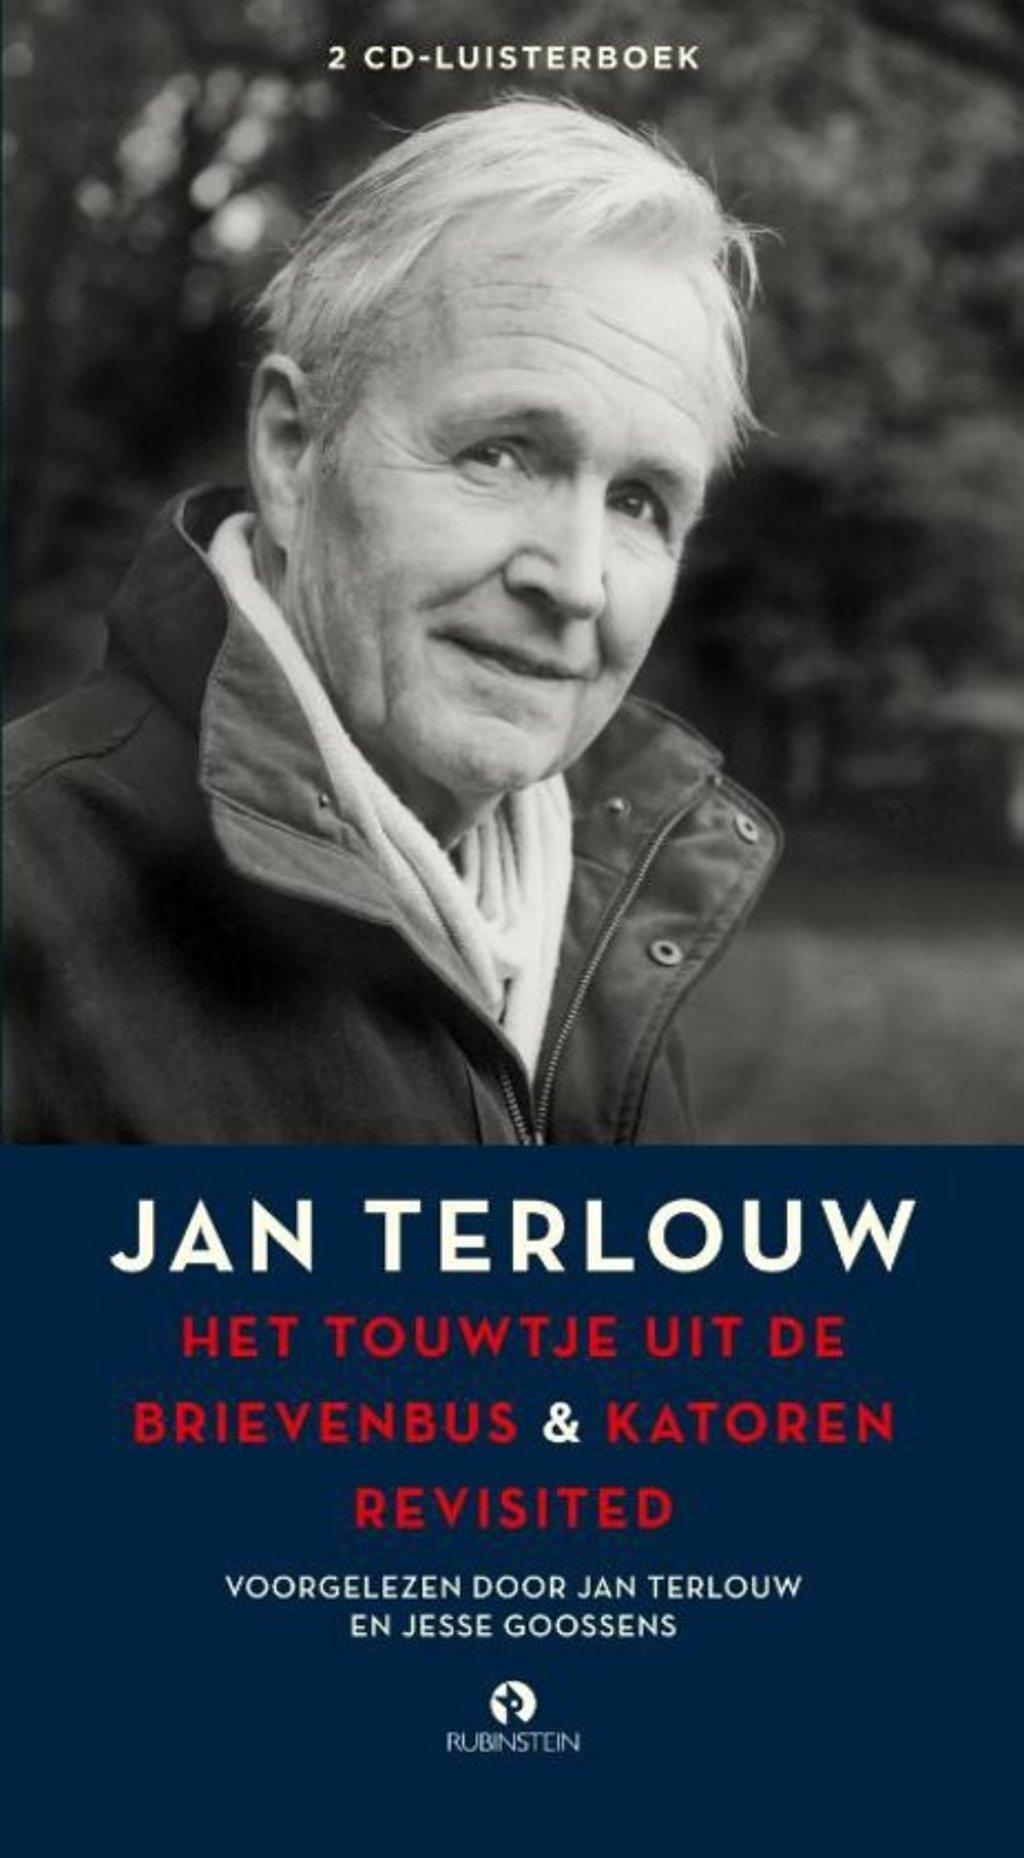 Luisterboek 'Het touwtje uit de brievenbus en katoren revisited'